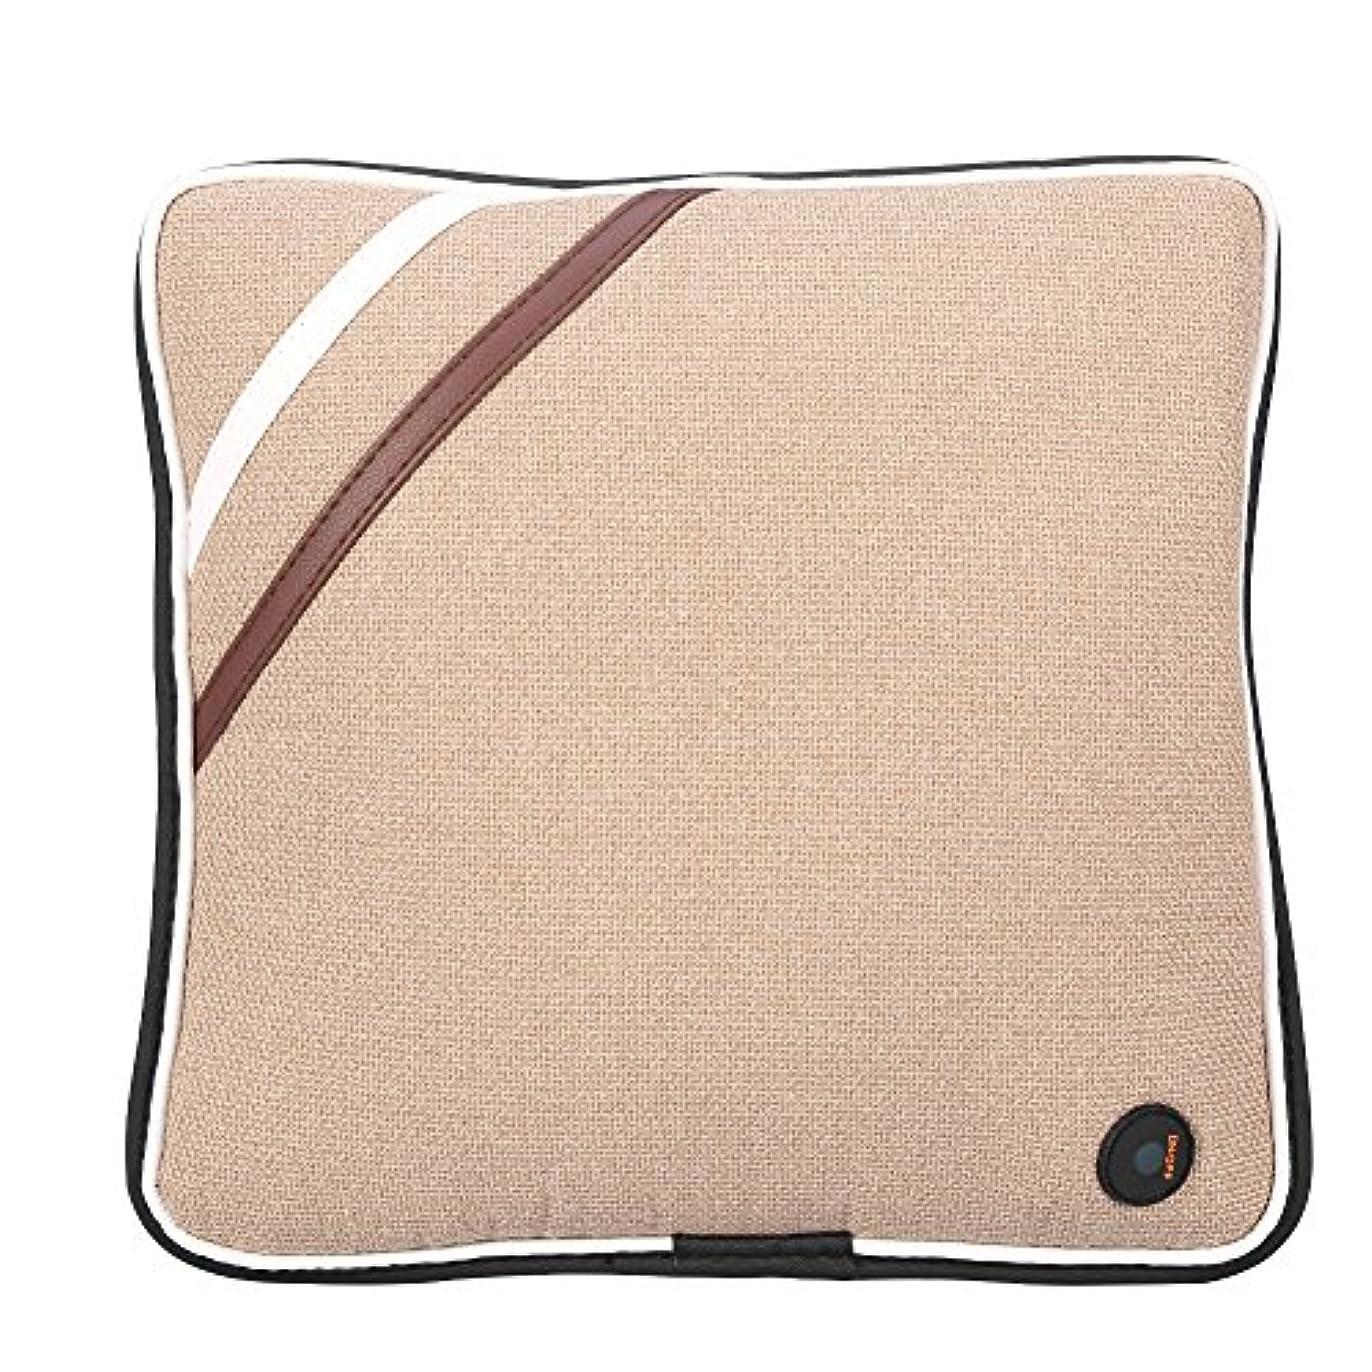 弾薬資格情報である電気マッサージの枕、旅行車の家、セリウム/FDA/RoHS/LVDの証明のためのUSBの再充電可能で柔らかい綿の首の背部クッションのマッサージャー(Linen Beige)